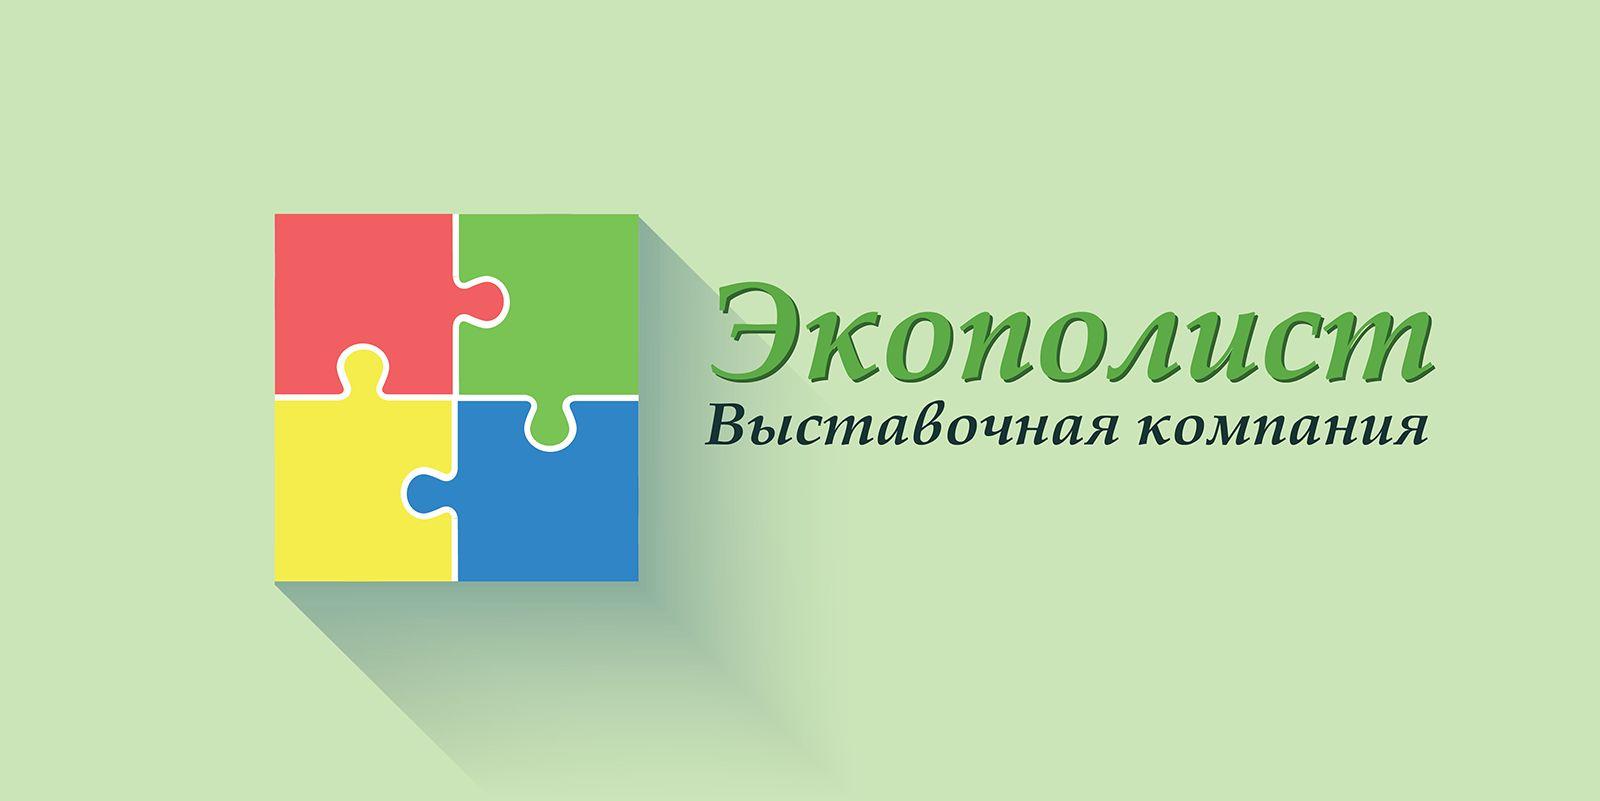 Логотип выставочной компании Эксполист - дизайнер My1stWork